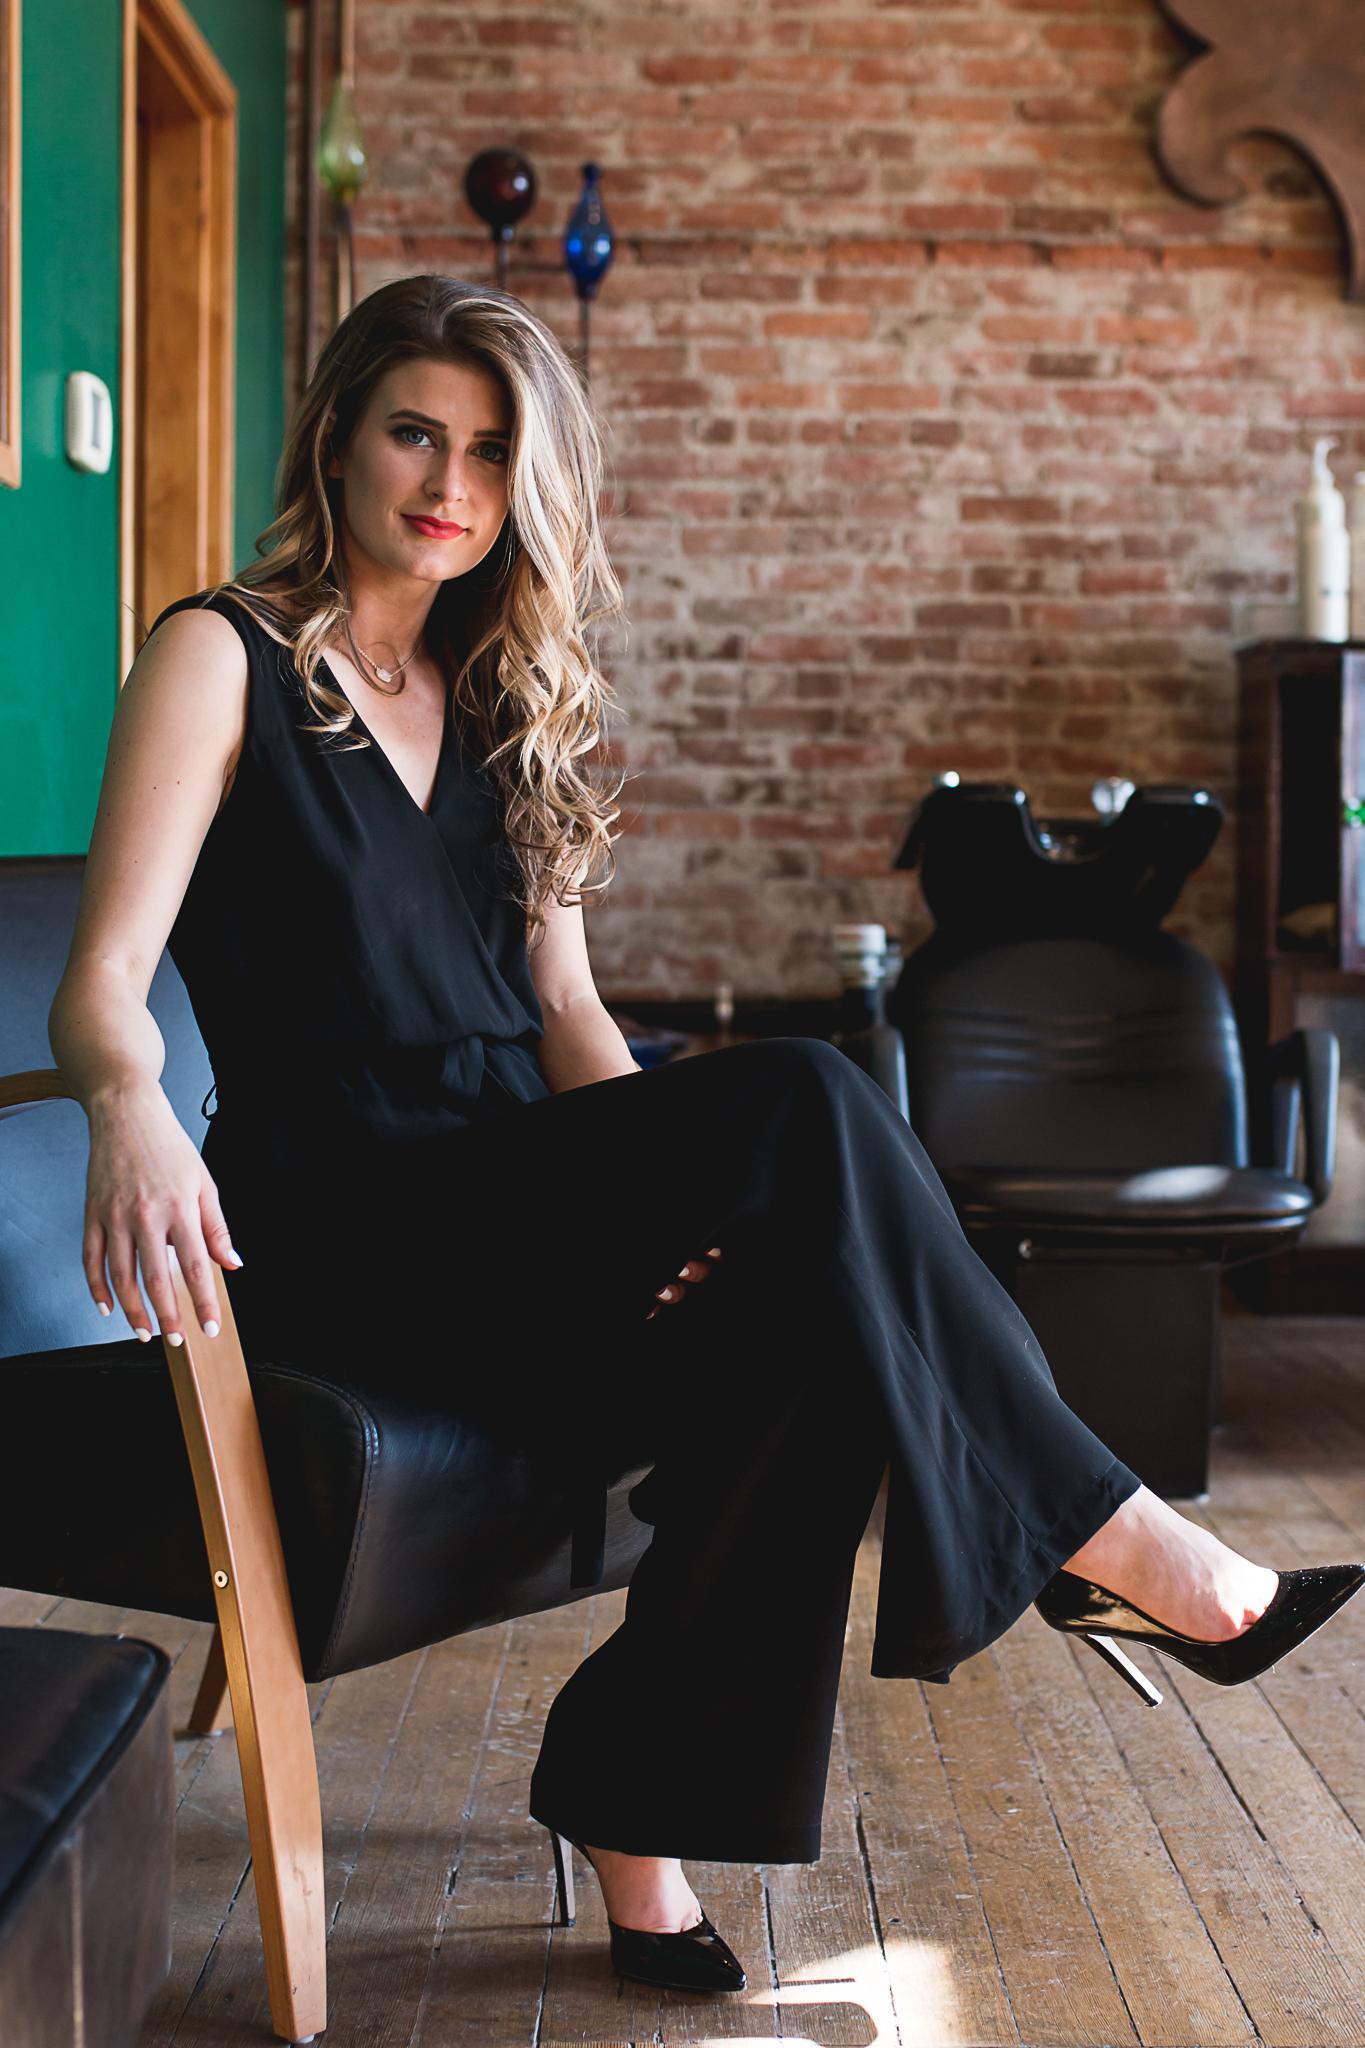 Women in business, Boss Lady Blogger, Wisdom.